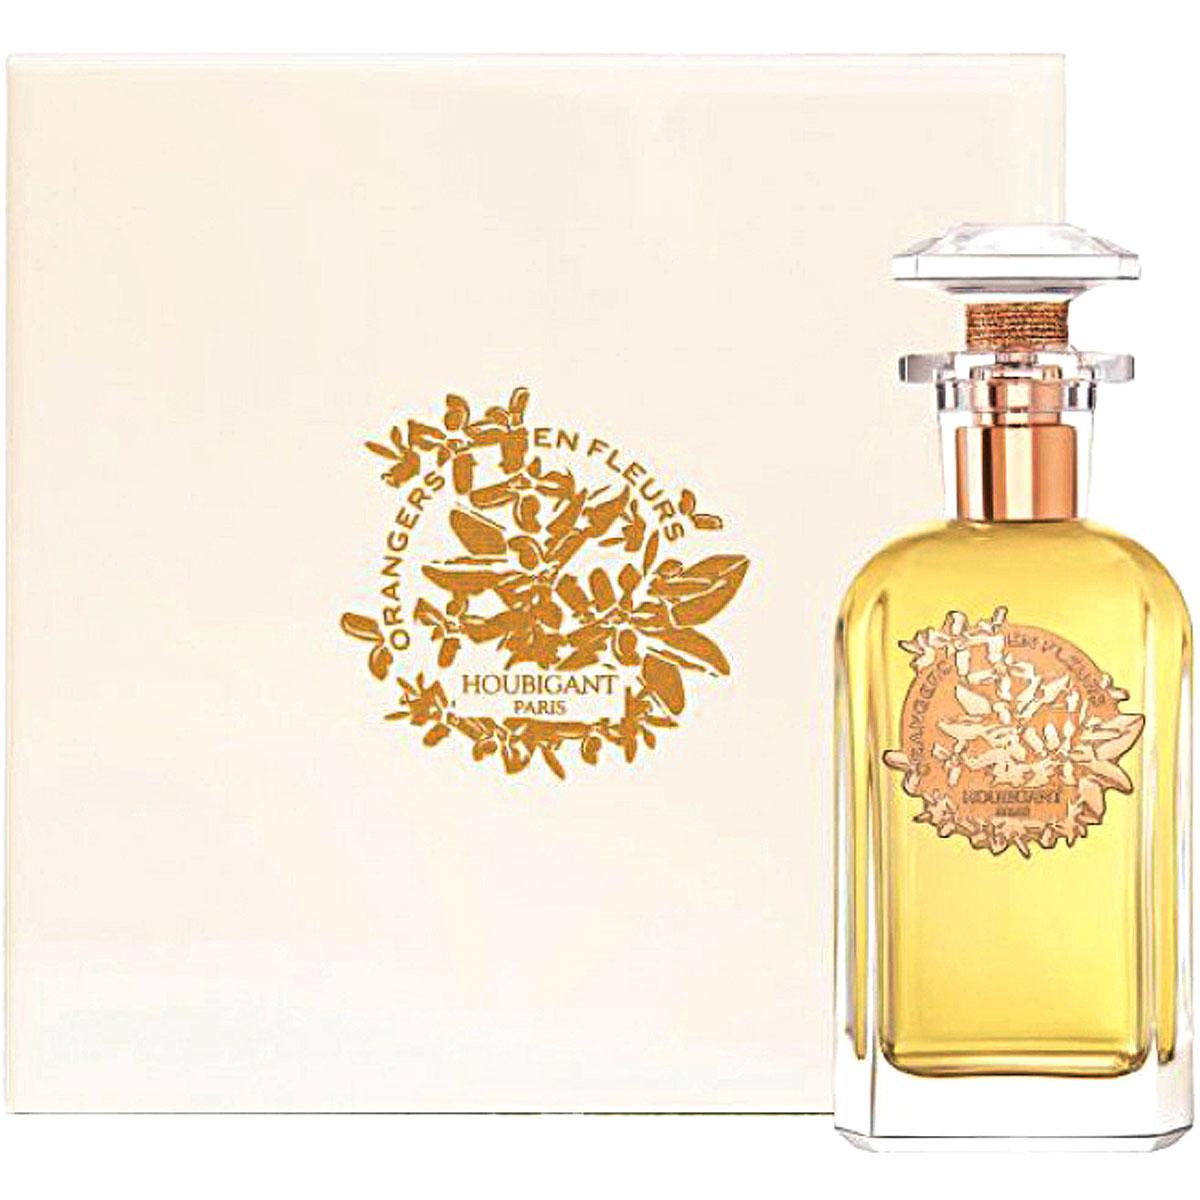 Houbigant Paris Fragrances for Women, Iris De Champs Travel Refill - Extrait De Parfum - 2 X 7.5 Ml, 2019, 2 x 7.5 ml